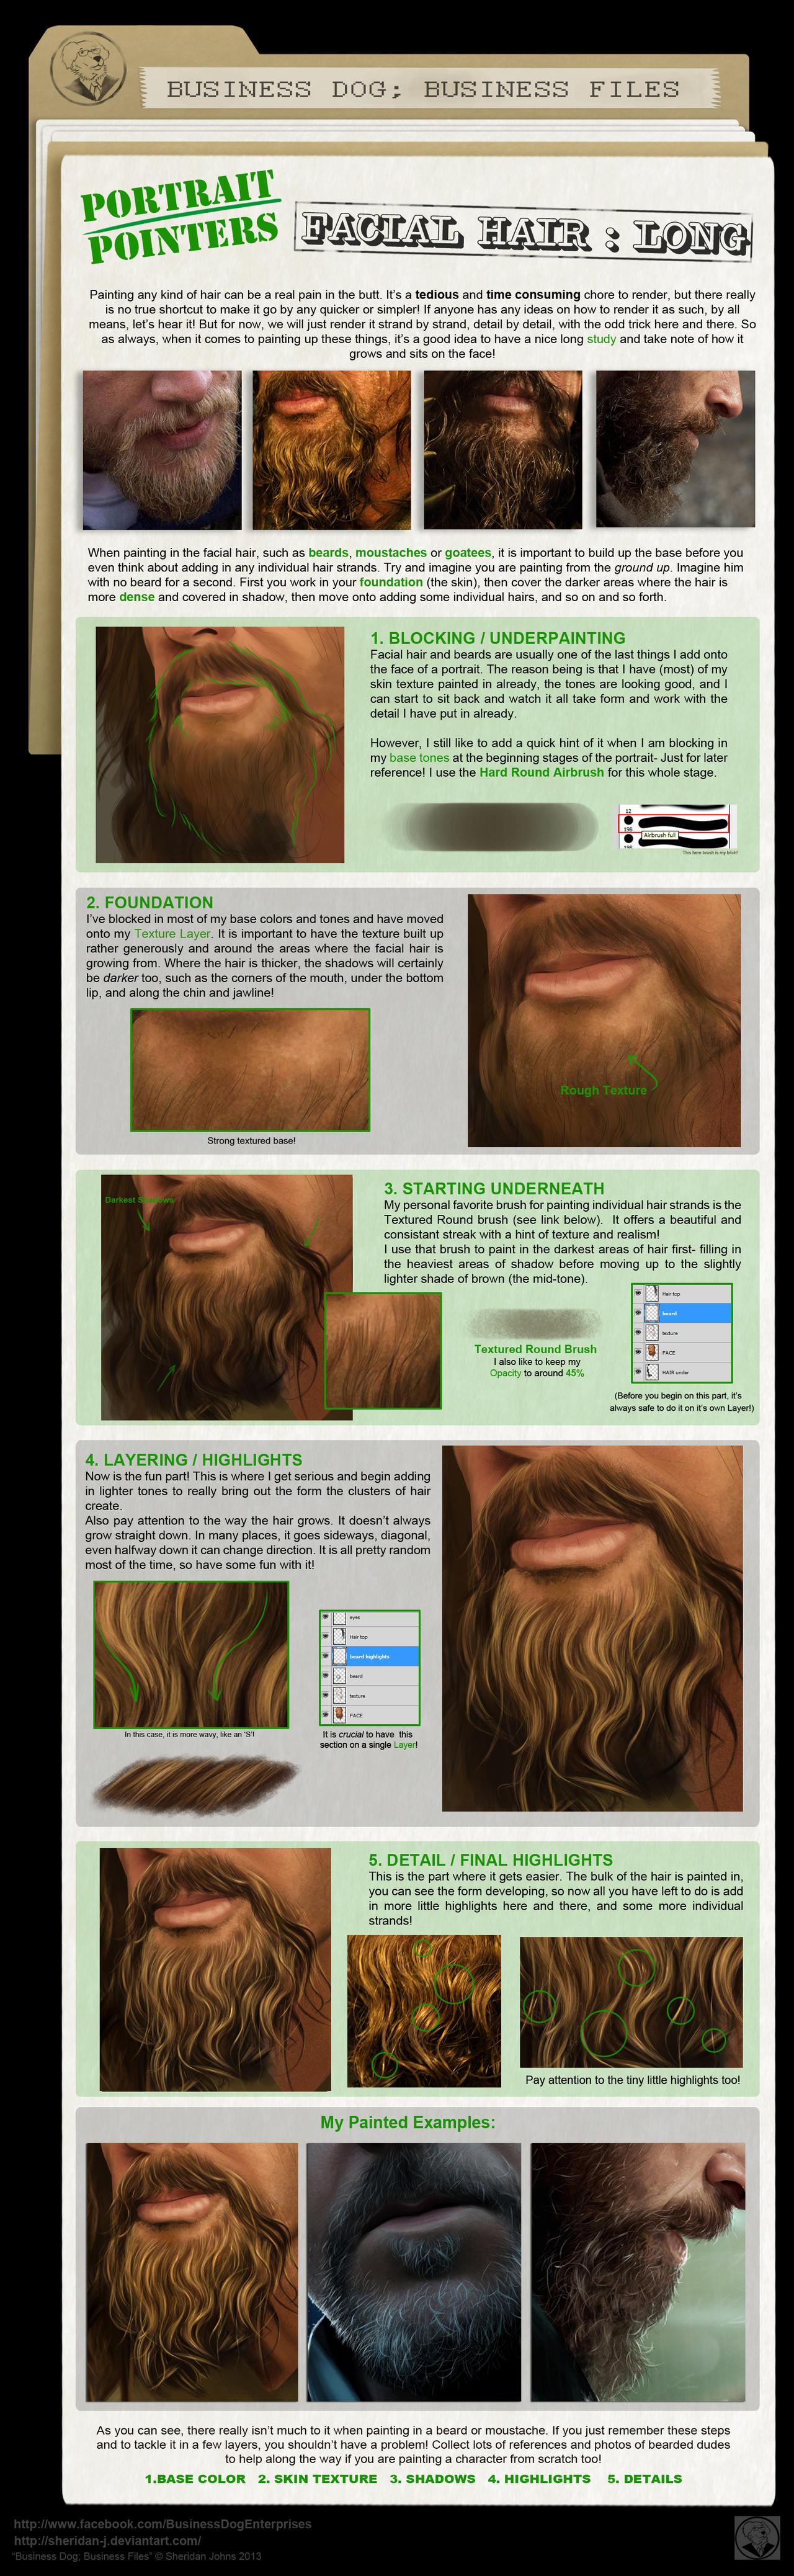 facialhair | Explore facialhair on DeviantArt